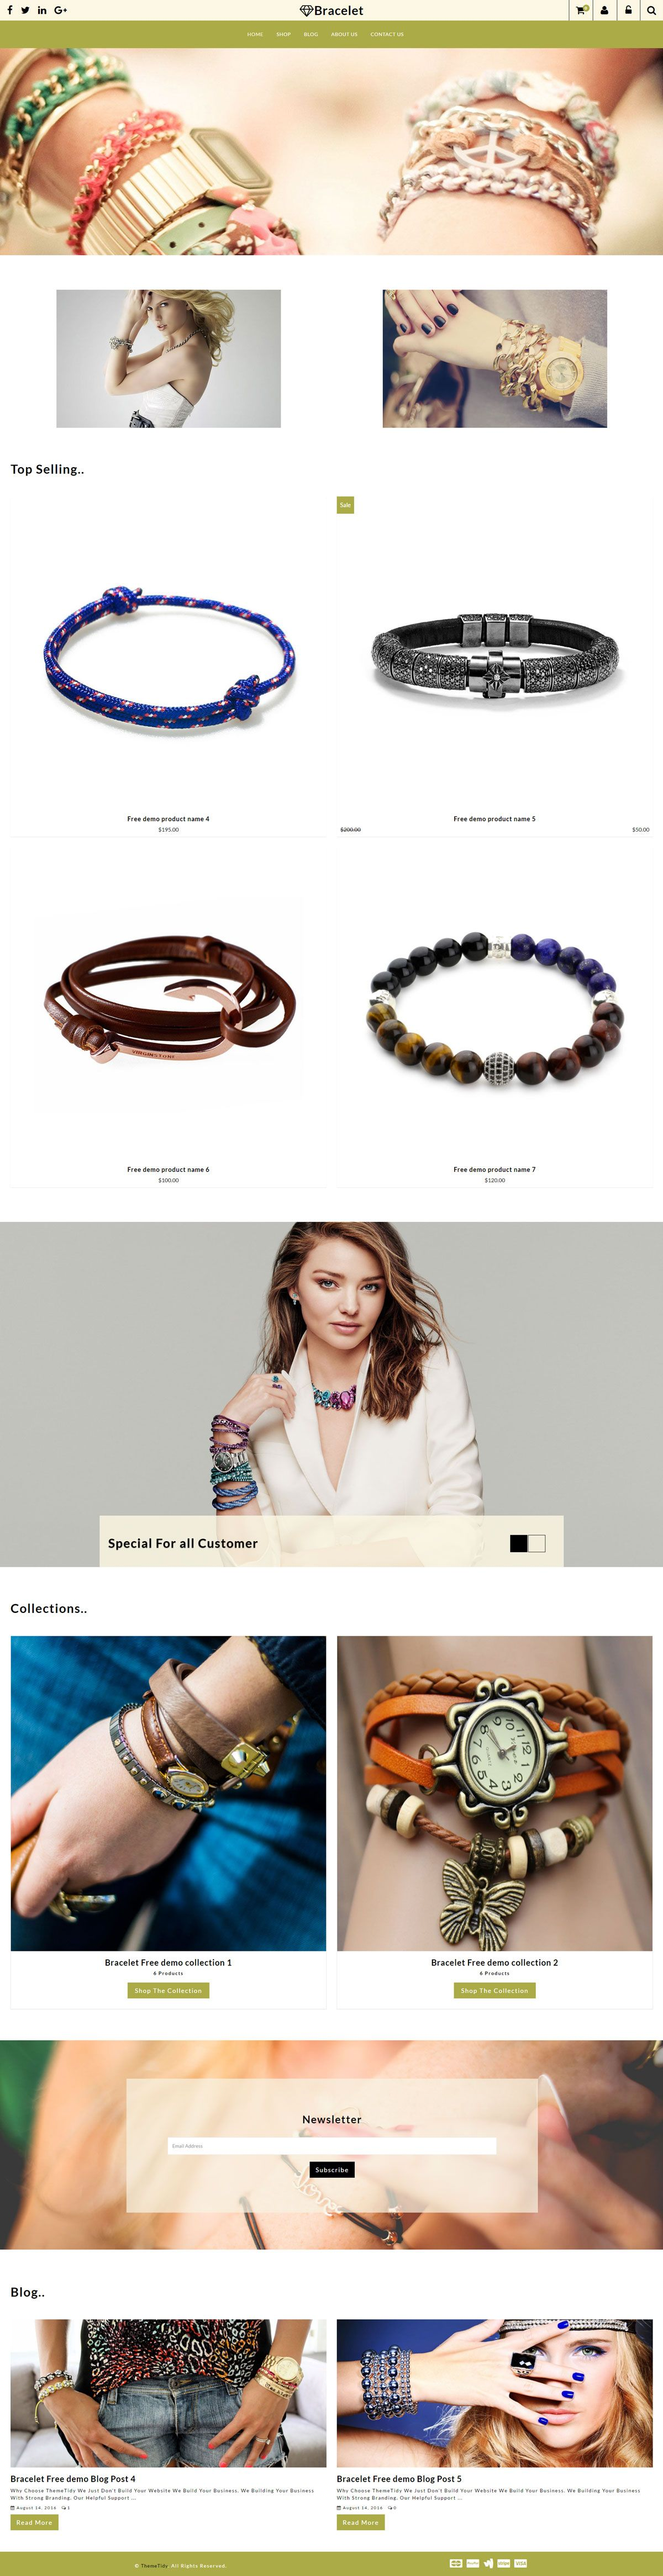 Bracelet Parallax Hand Bands shop Responsive Shopify